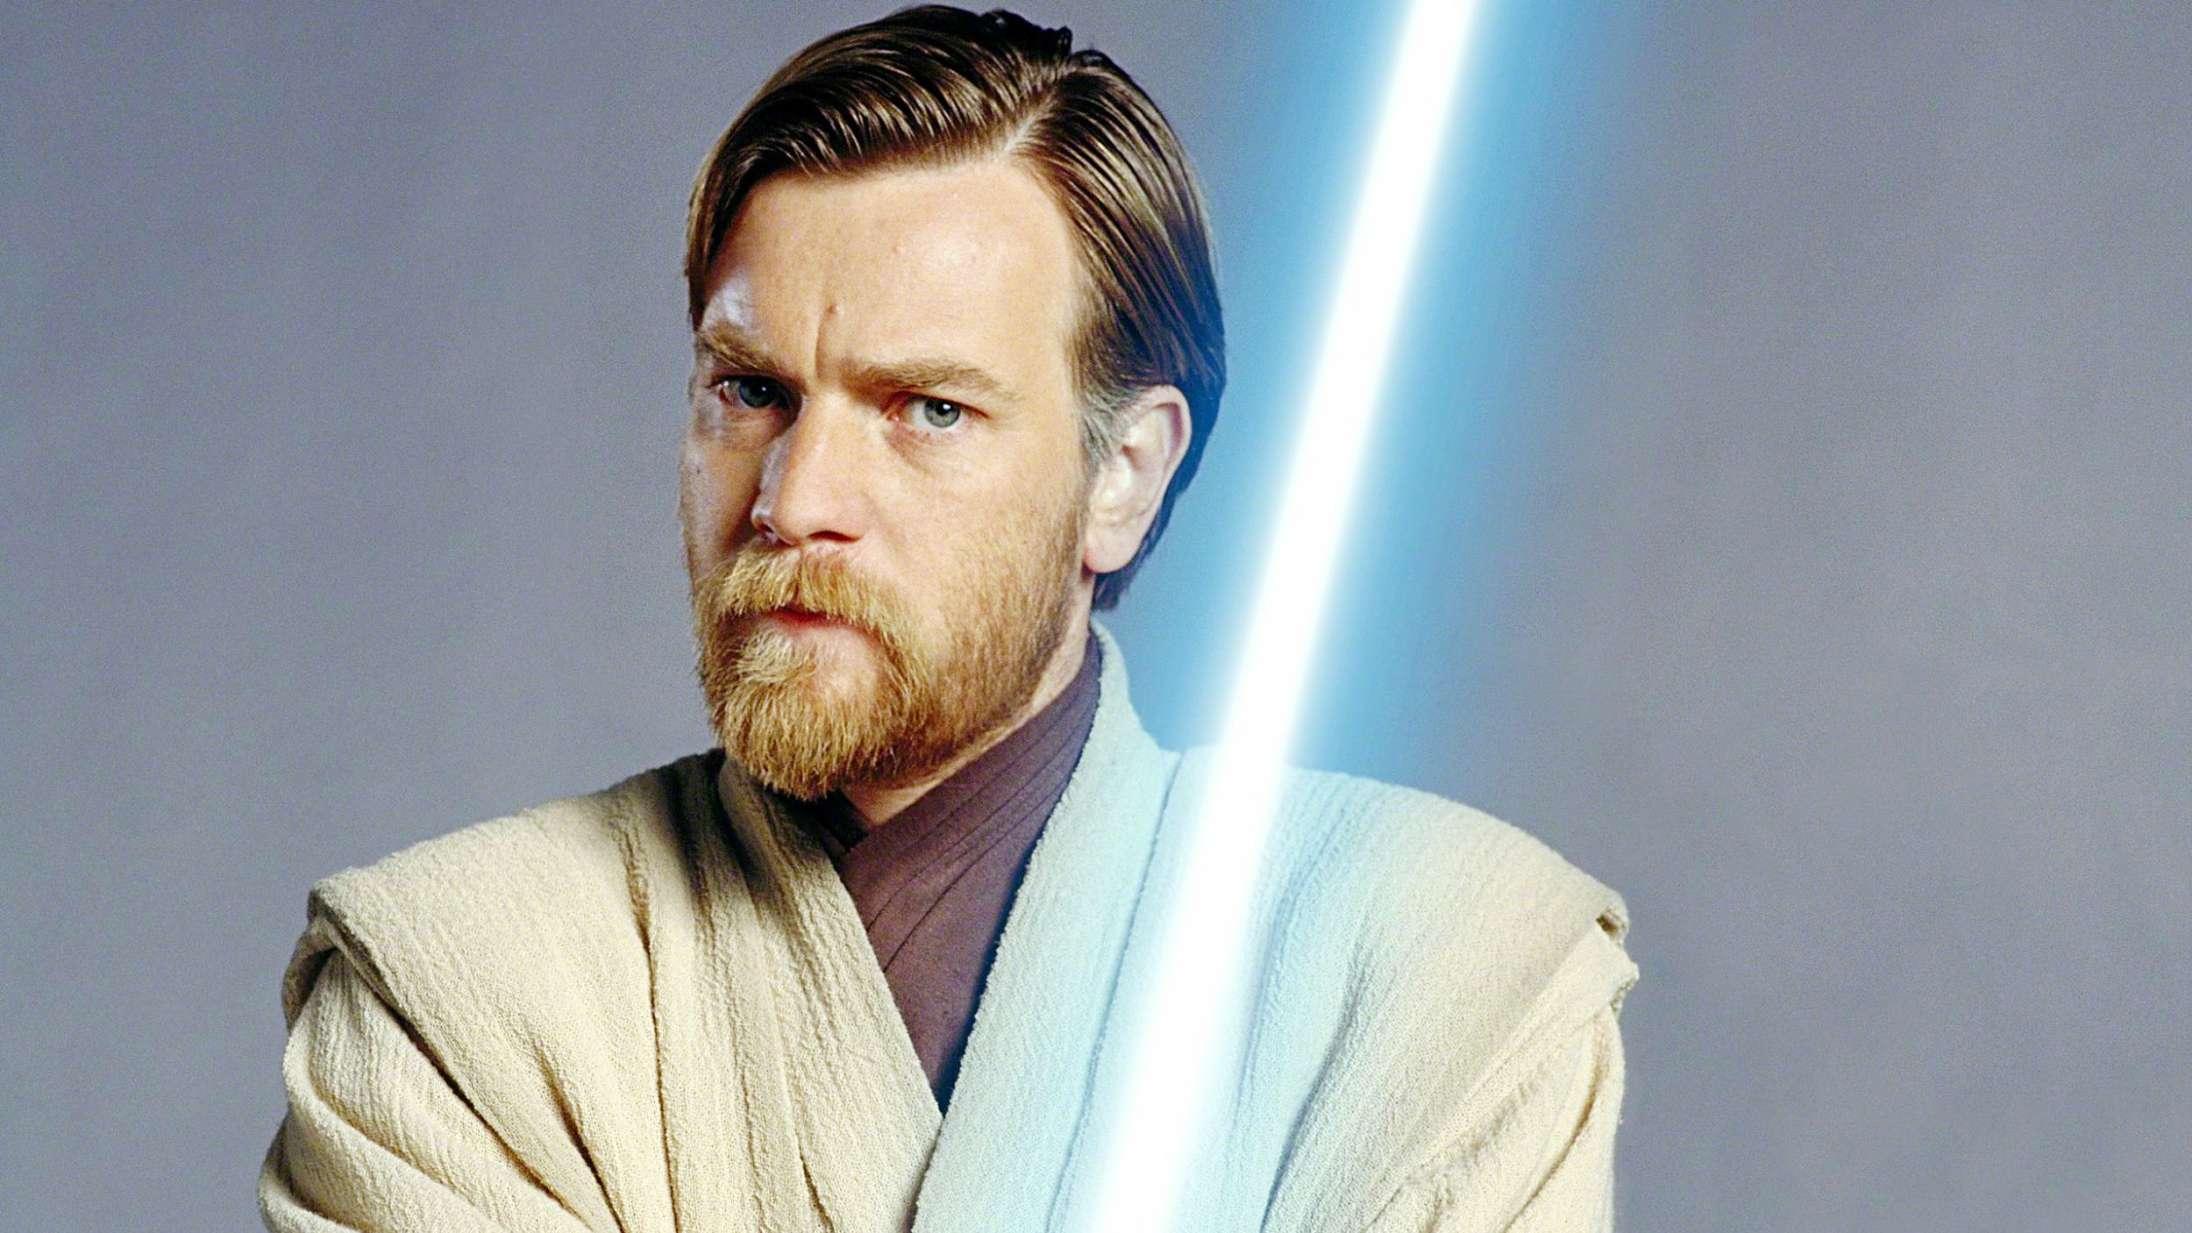 Disney afslører stjernecast og plotdetaljer til Obi-Wan Kenobi-serie